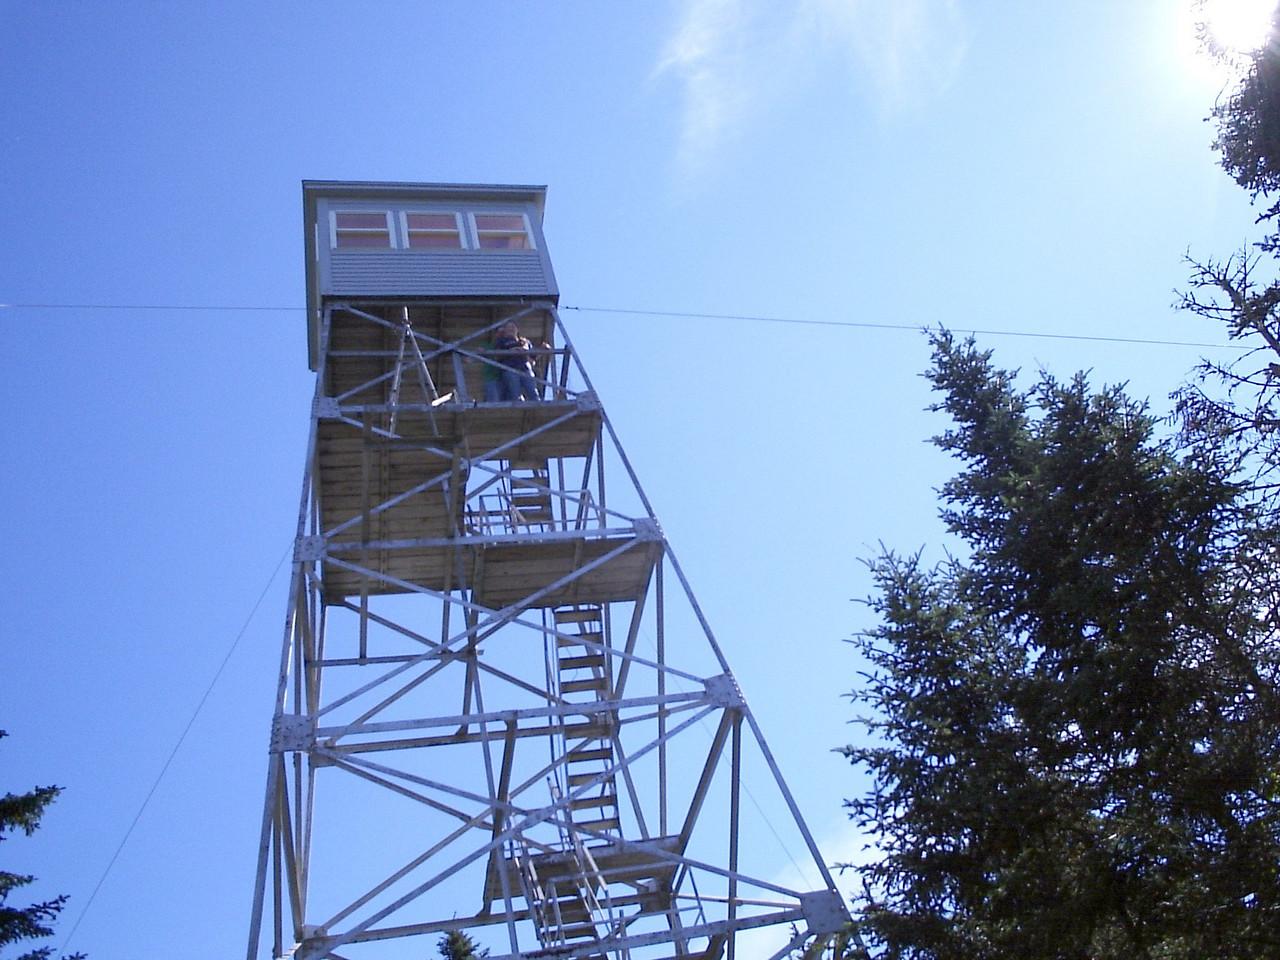 Magalloway Tower